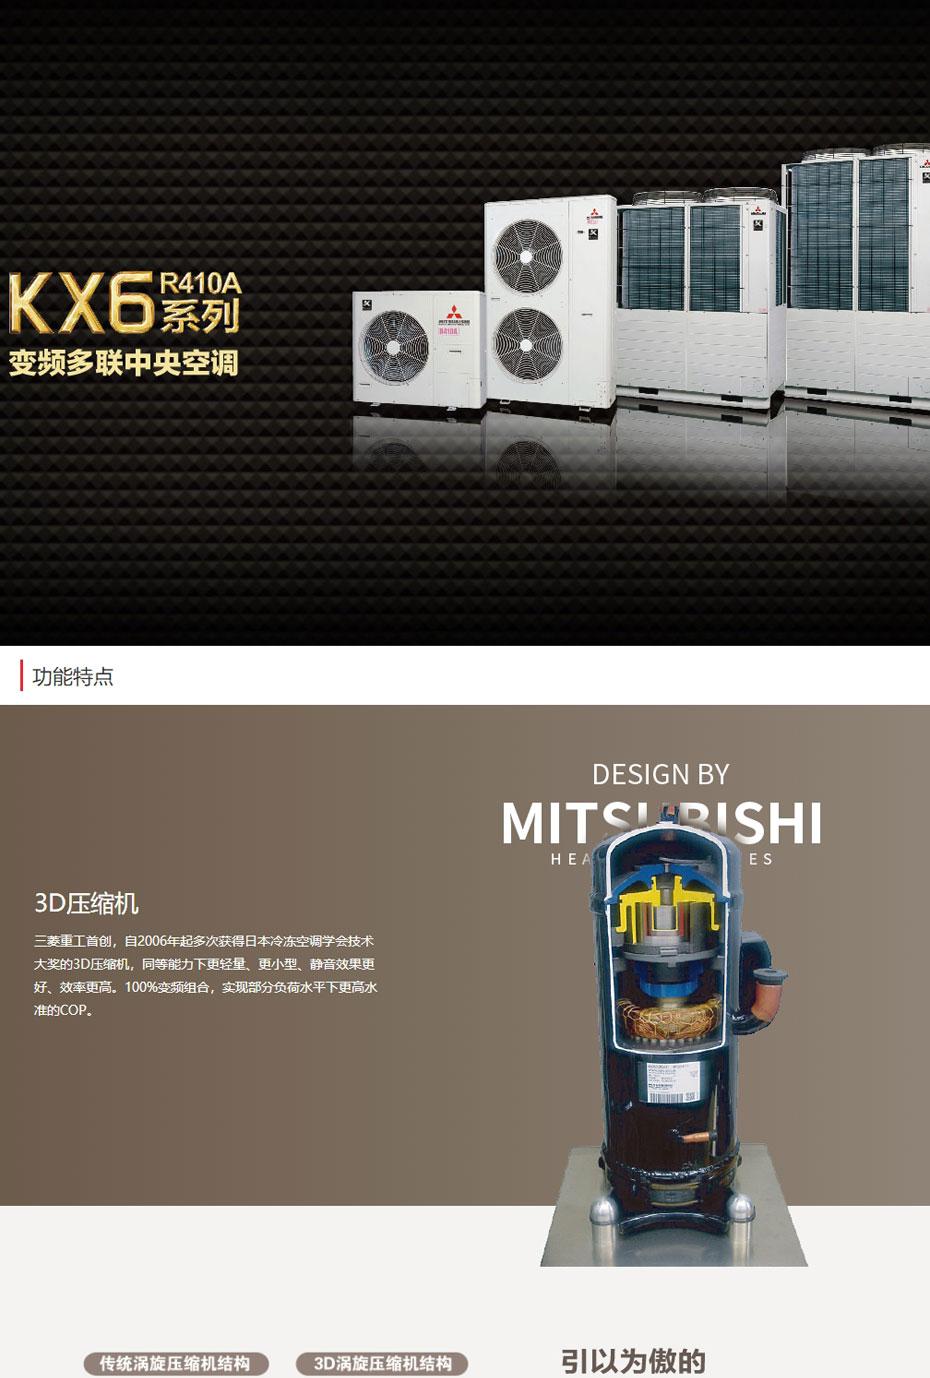 无锡三菱重工中央空调KX6系列_01